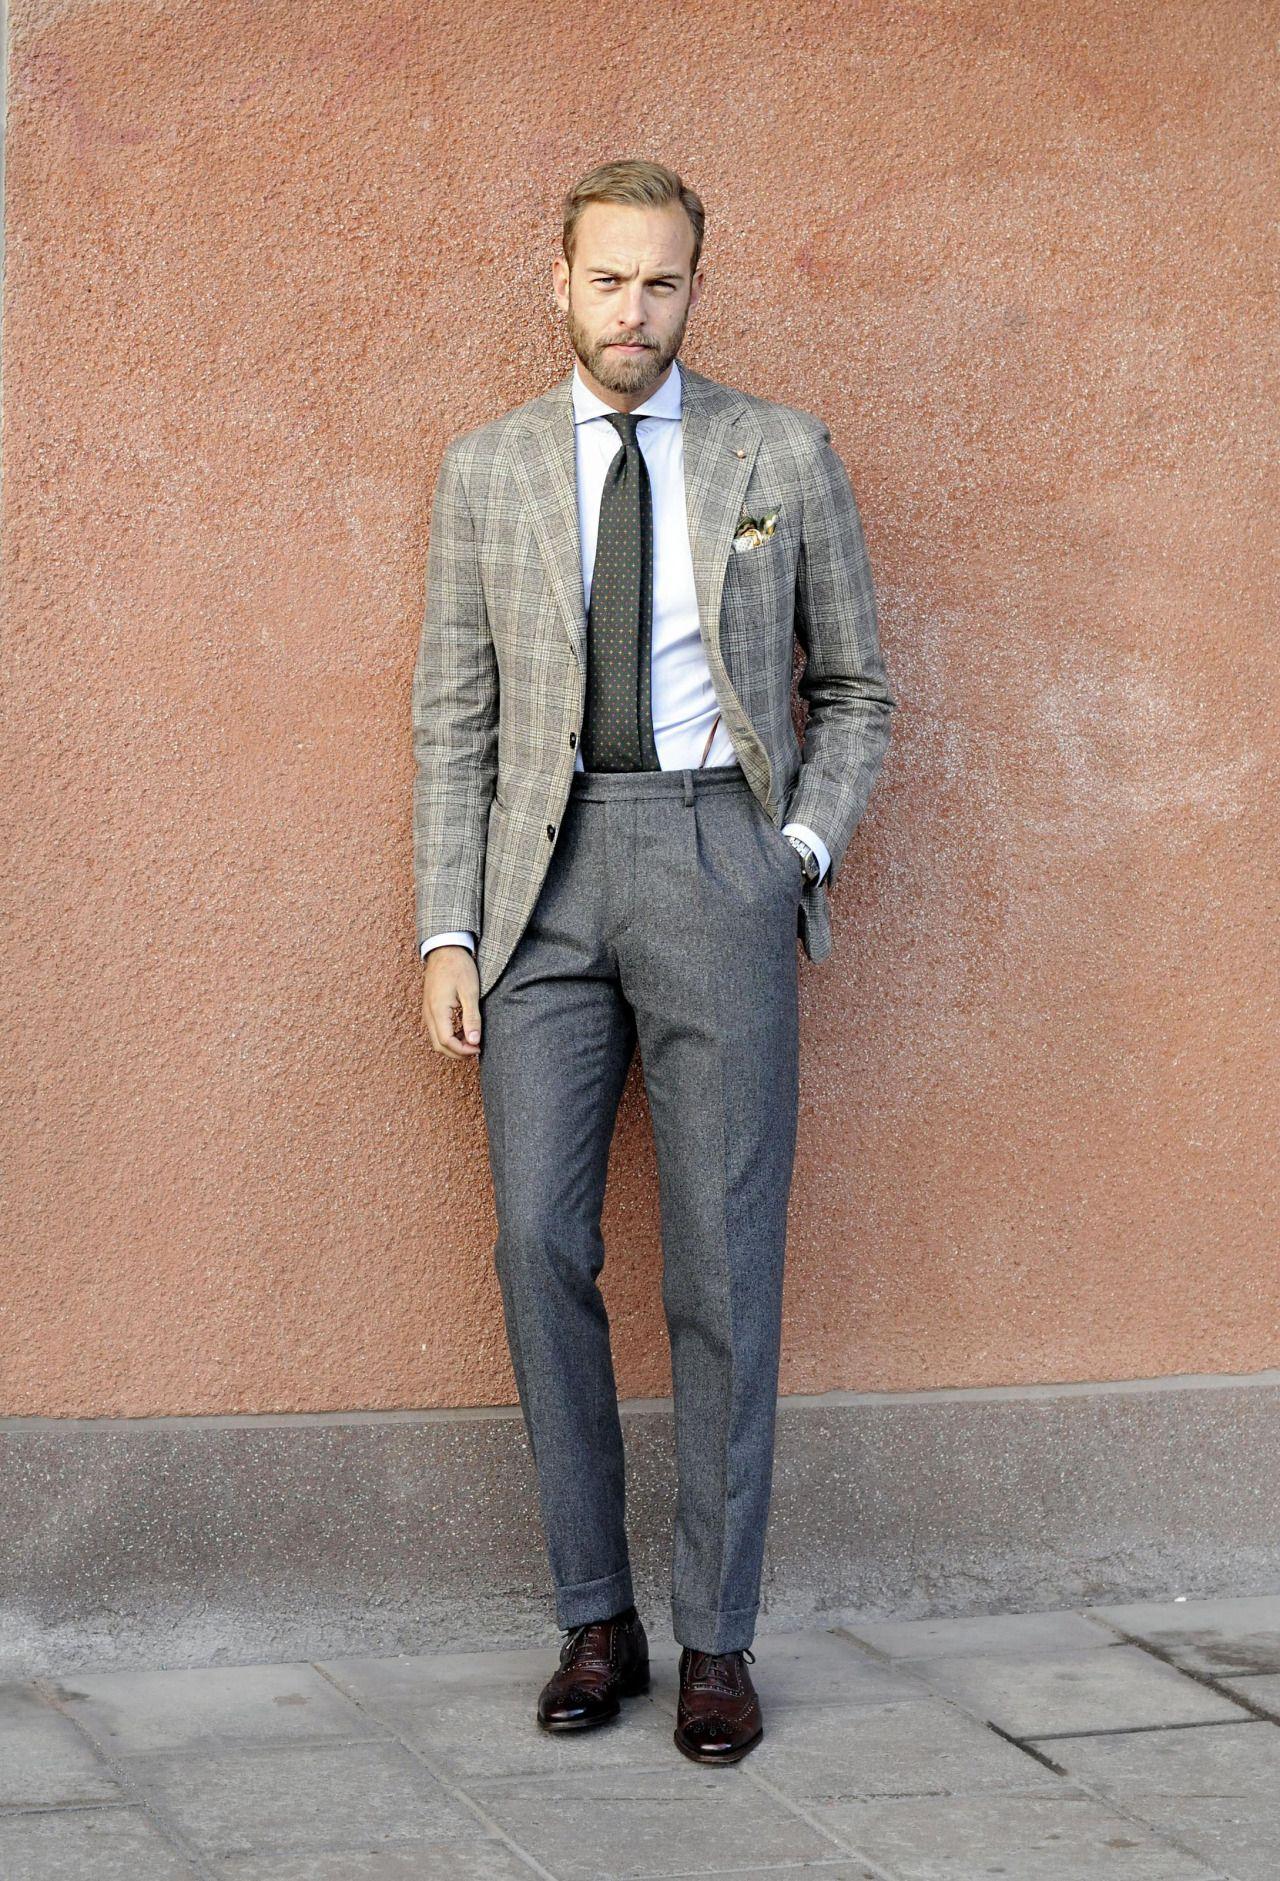 9b5d3b41e9c4 Sprezzatura-Eleganza | turnoverchange: Classic grey flannel trousers ...